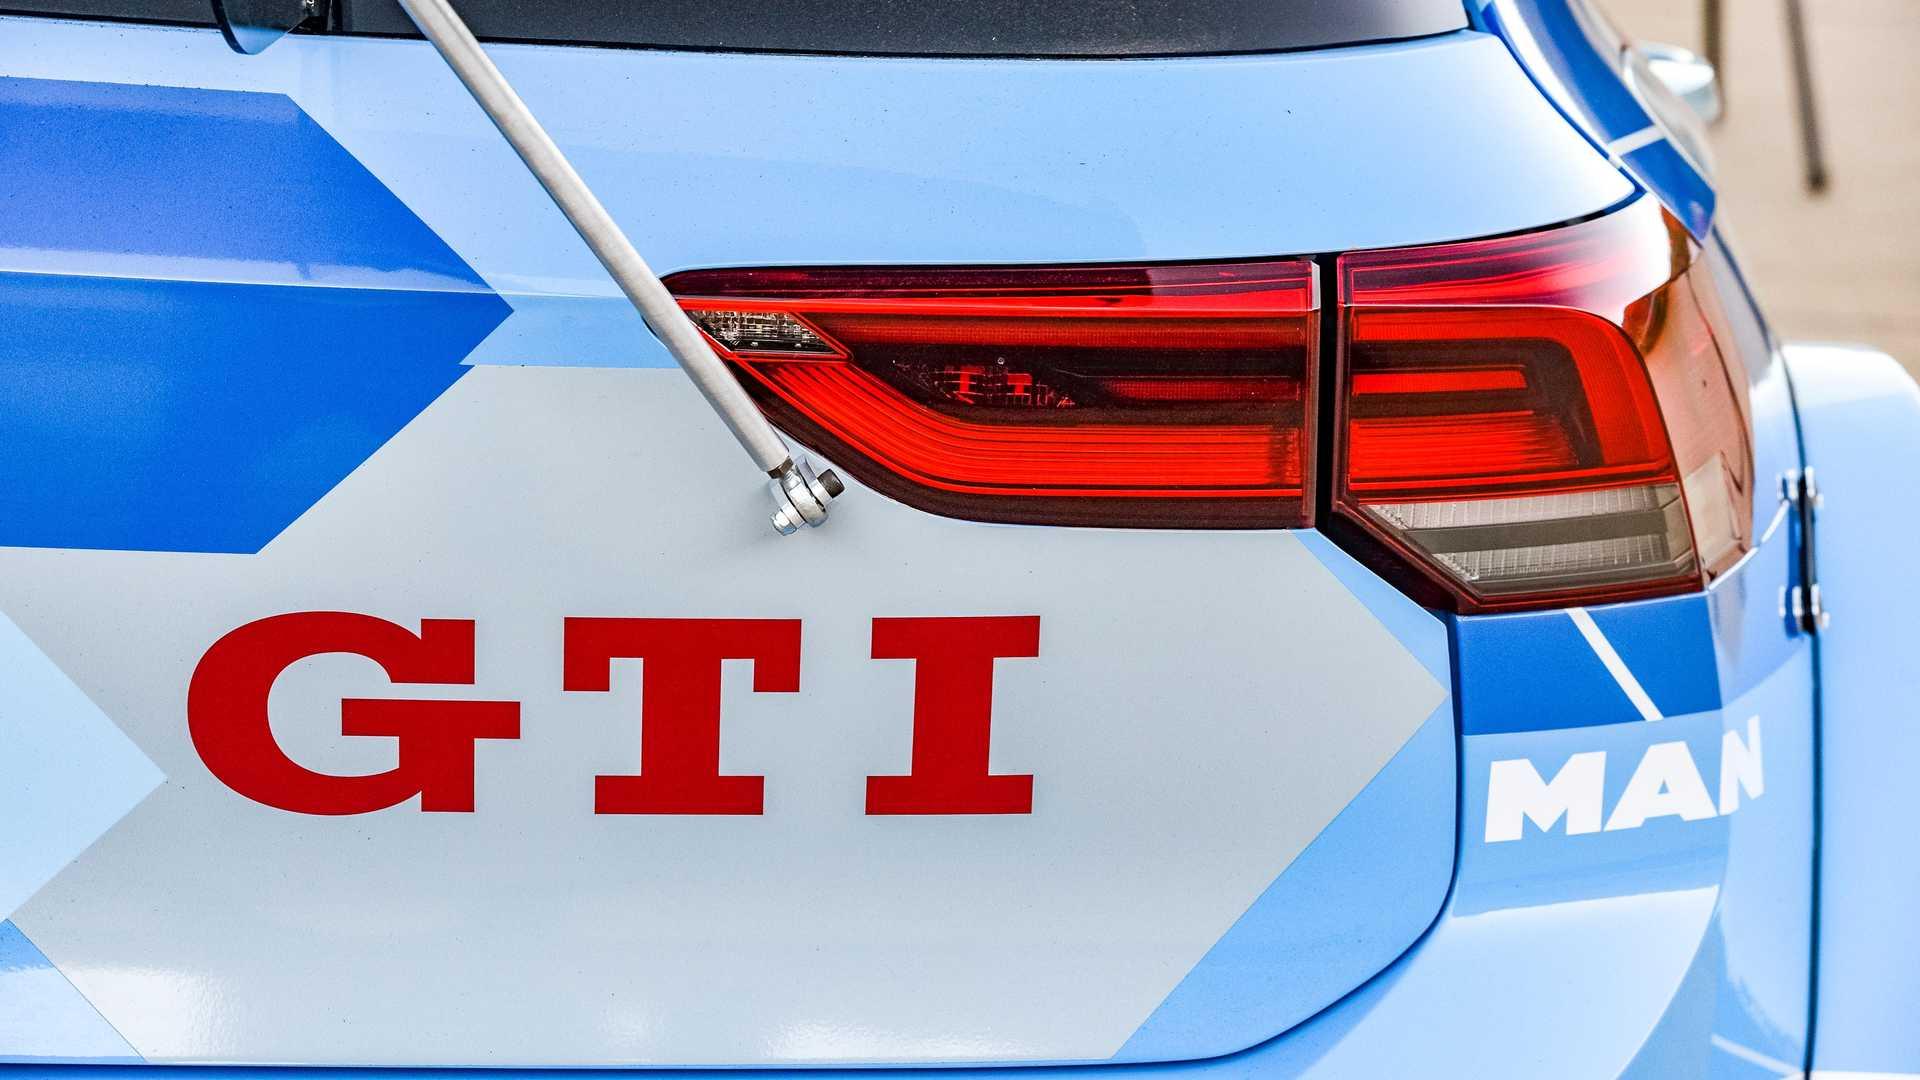 Volkswagen-GTI-GTC-Race-Car-14